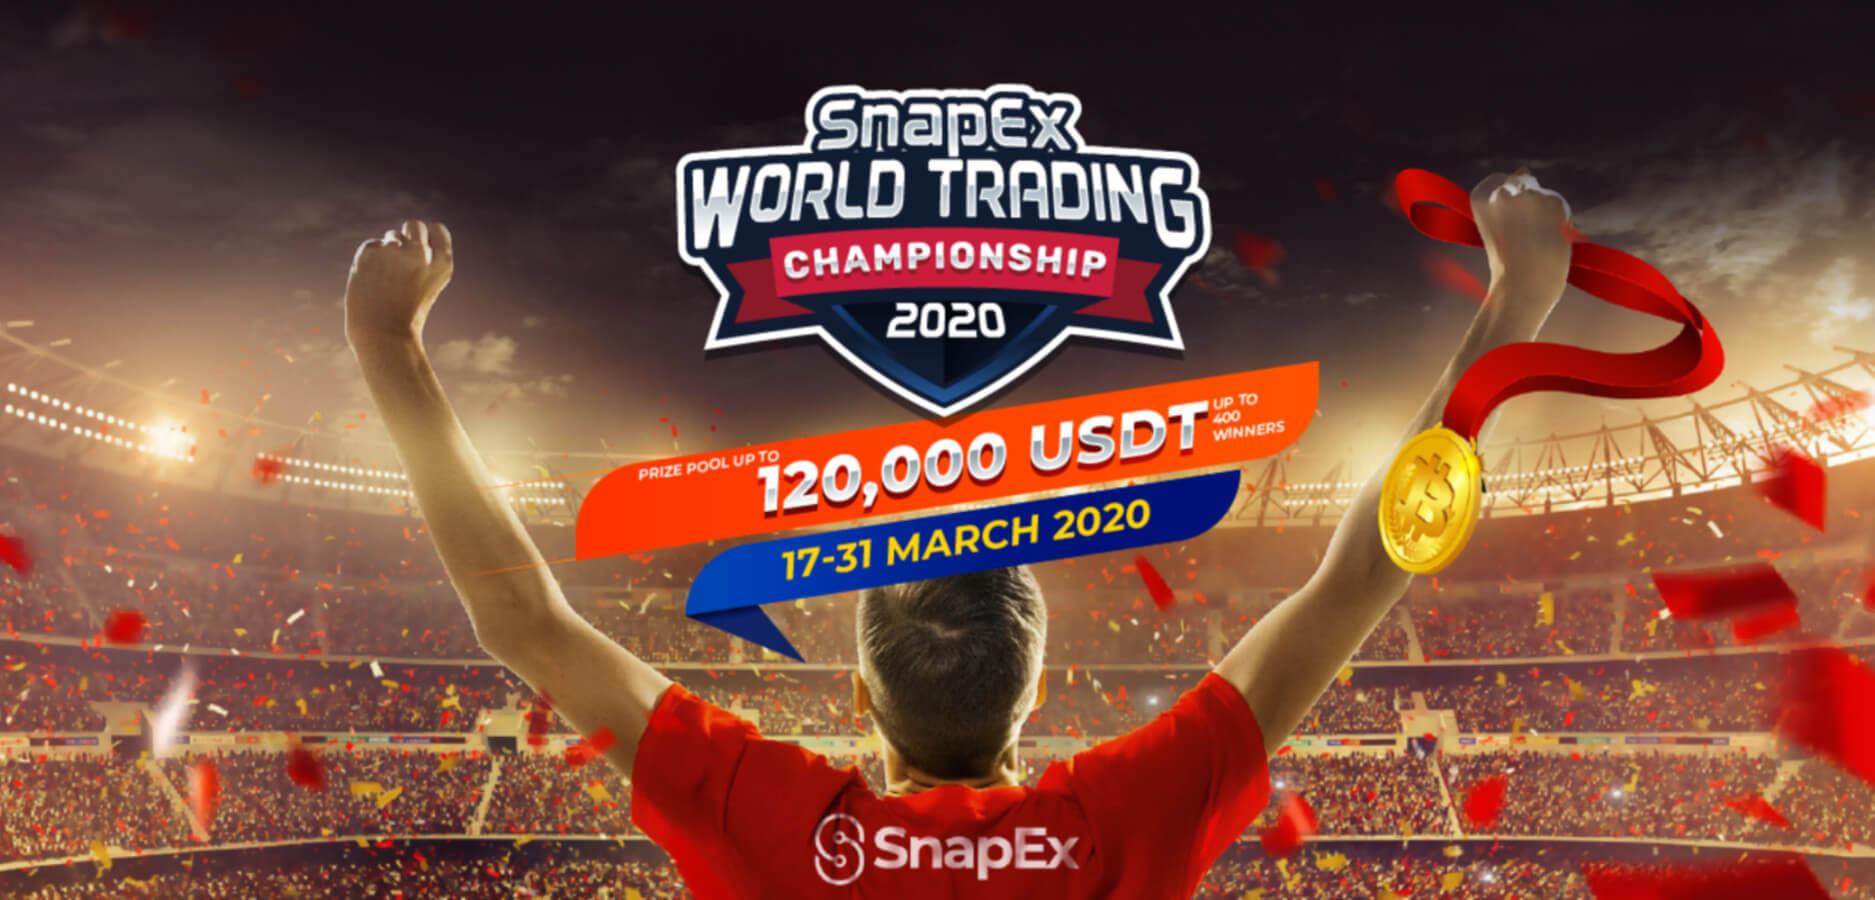 Конкурс крипто-трейдинга с участием до 400 победителей и призовым фондом в 120 000 USDT